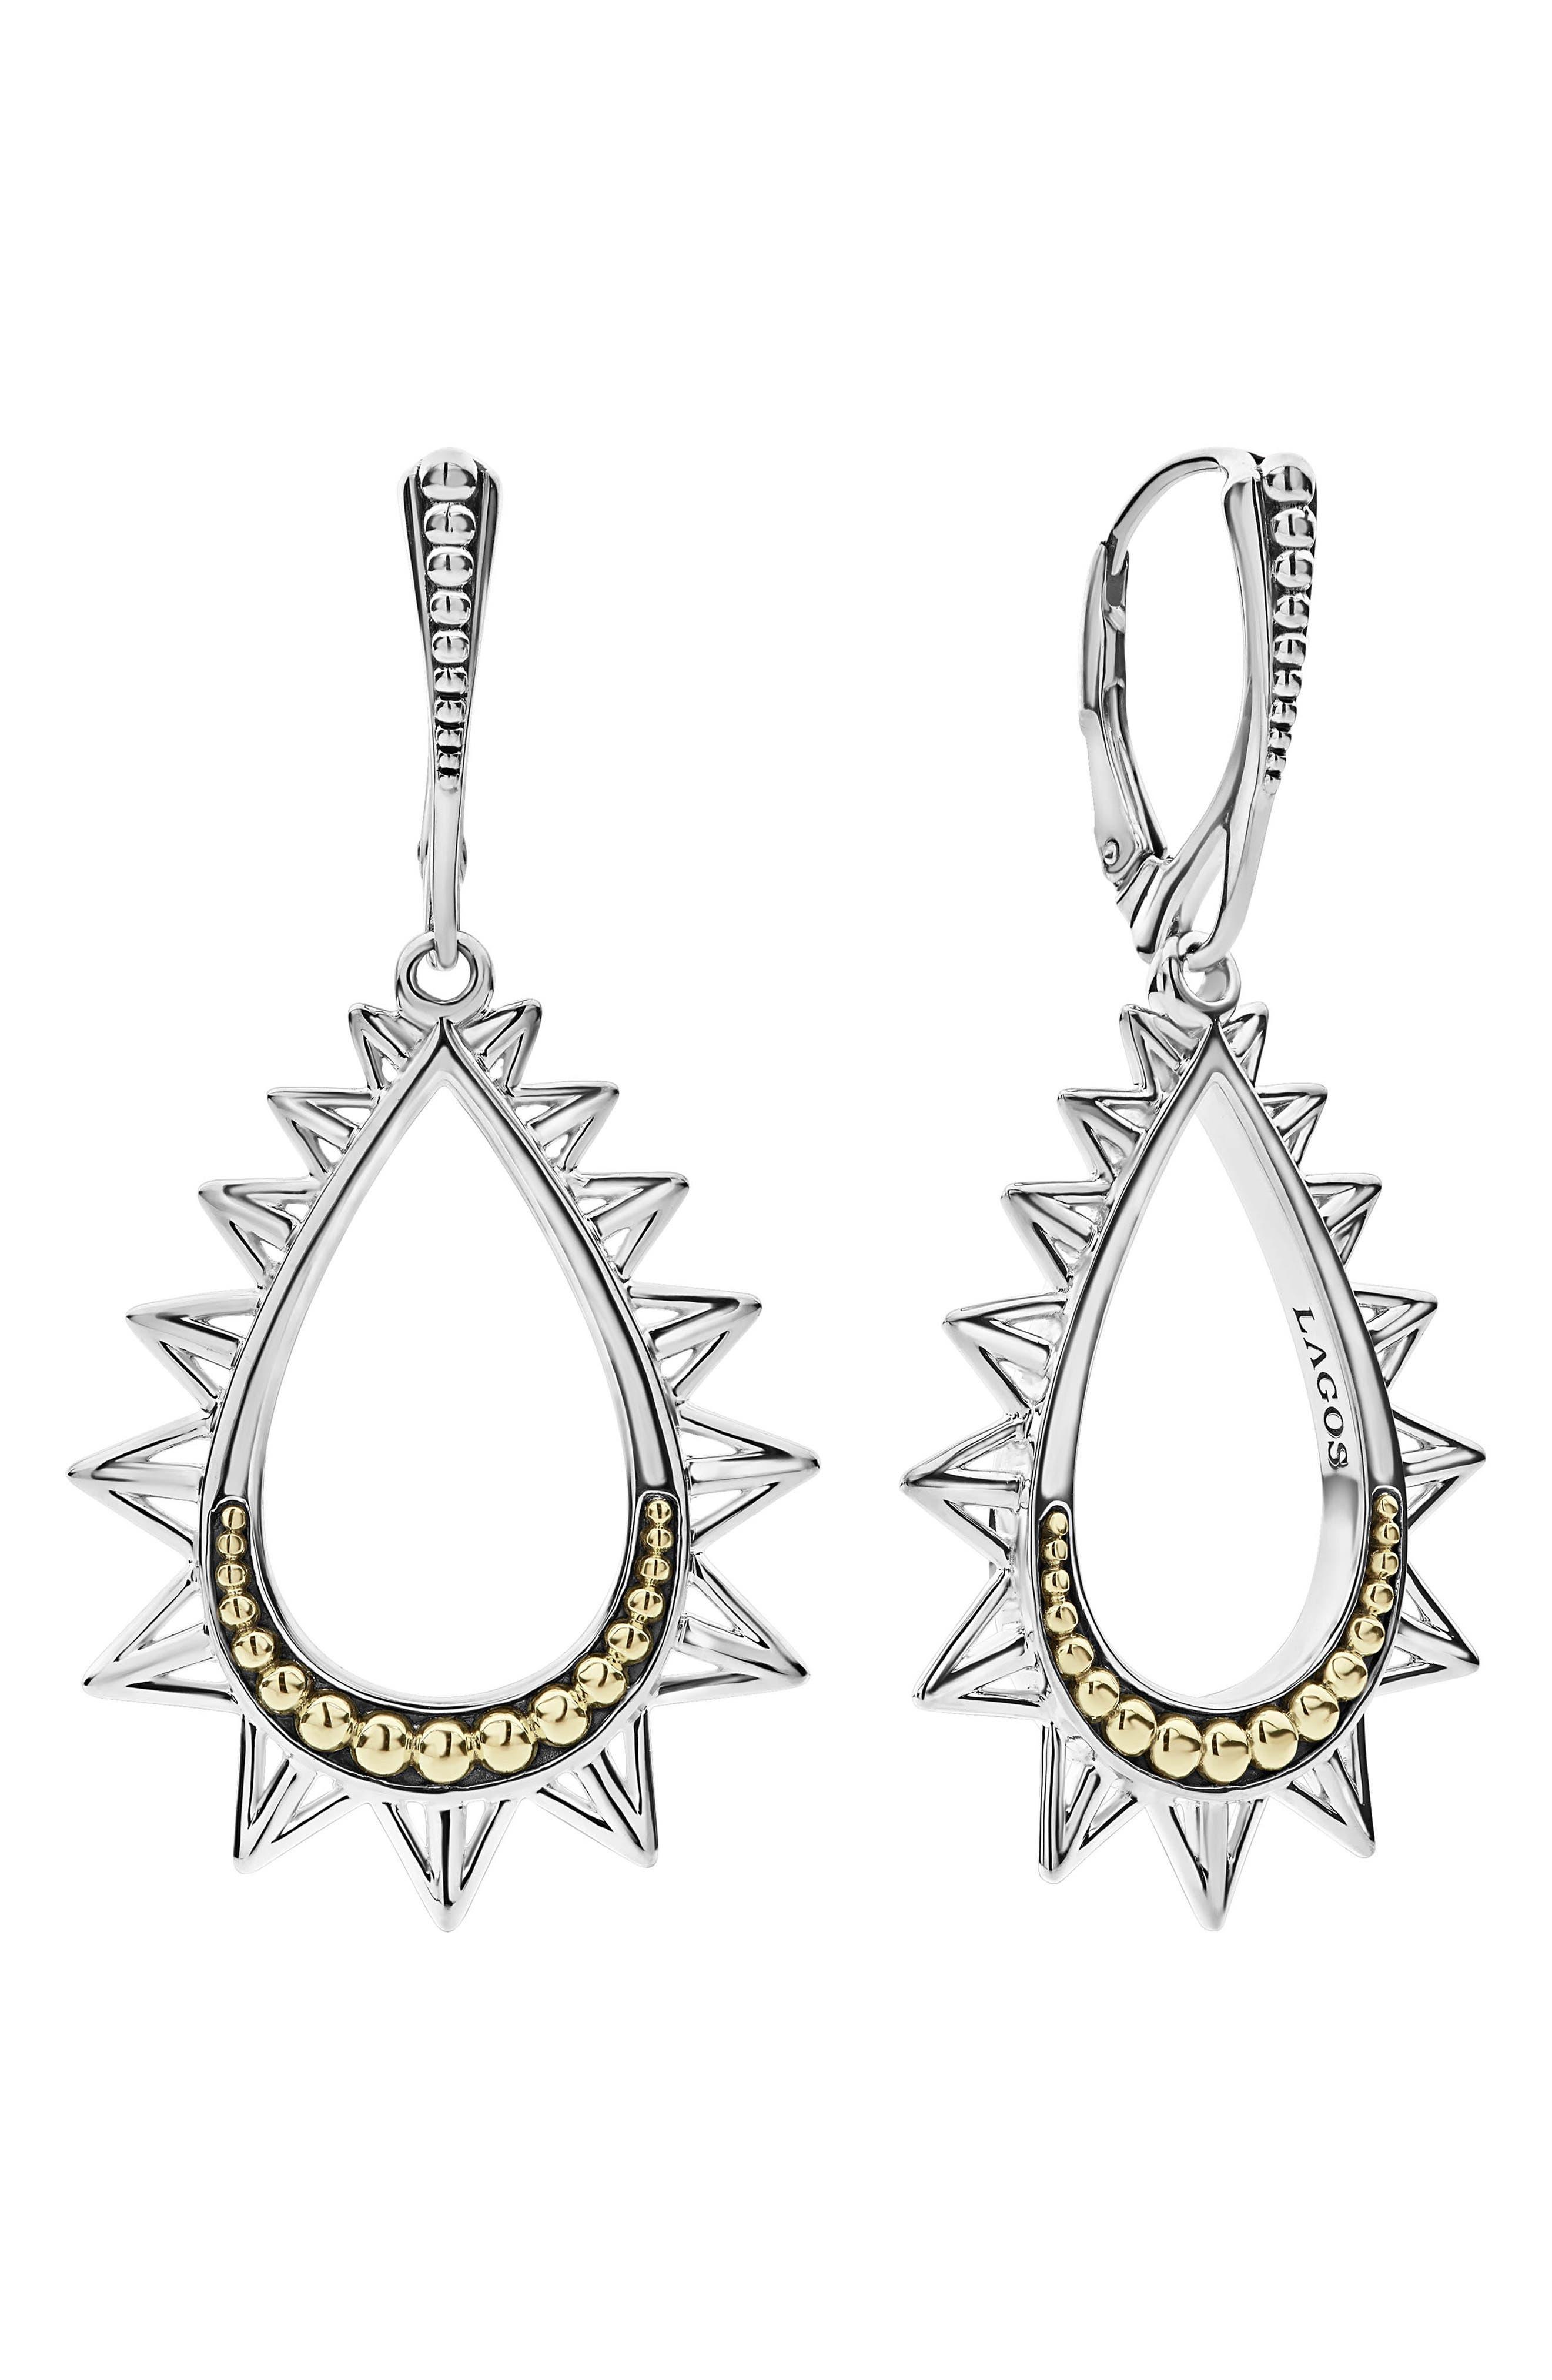 KSL Spiked Pear Drop Earrings,                             Main thumbnail 1, color,                             040